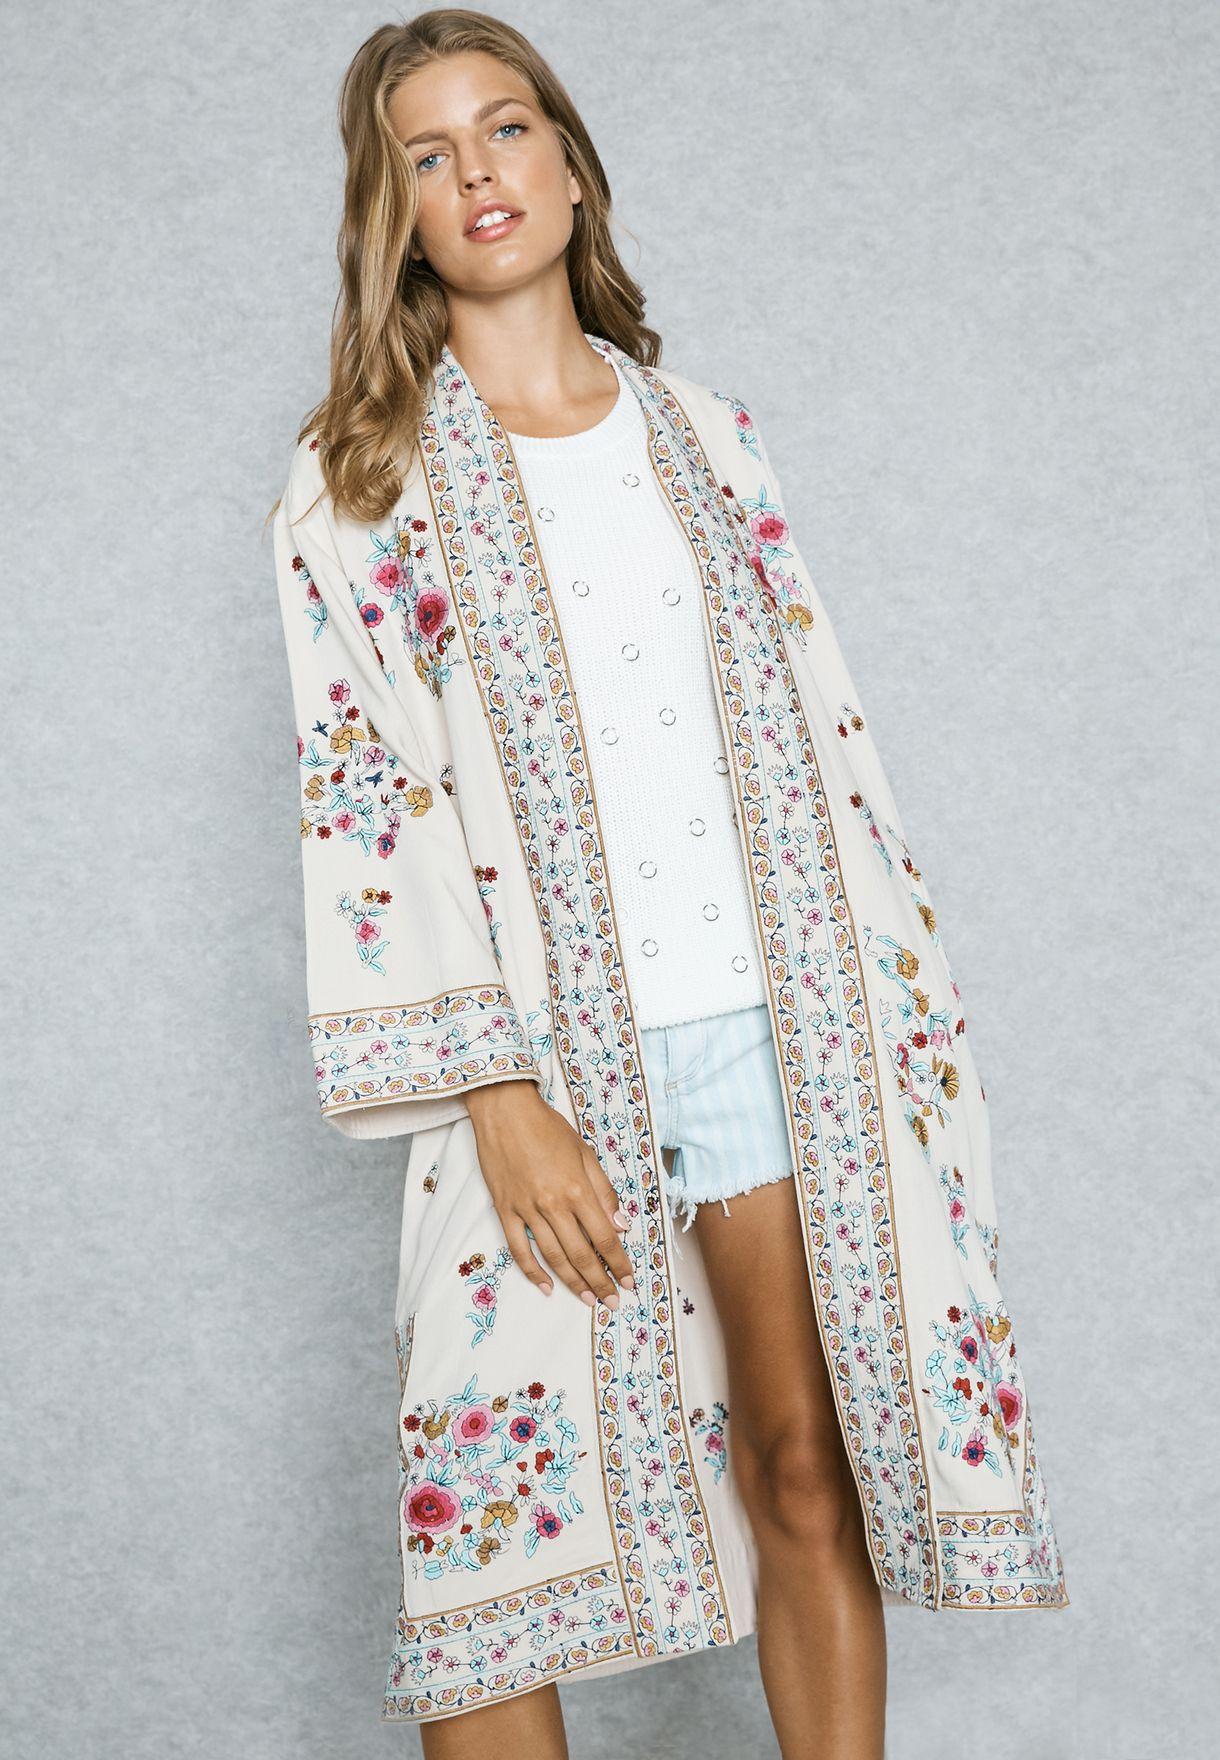 muchos de moda belleza características sobresalientes Embroidered Kimono